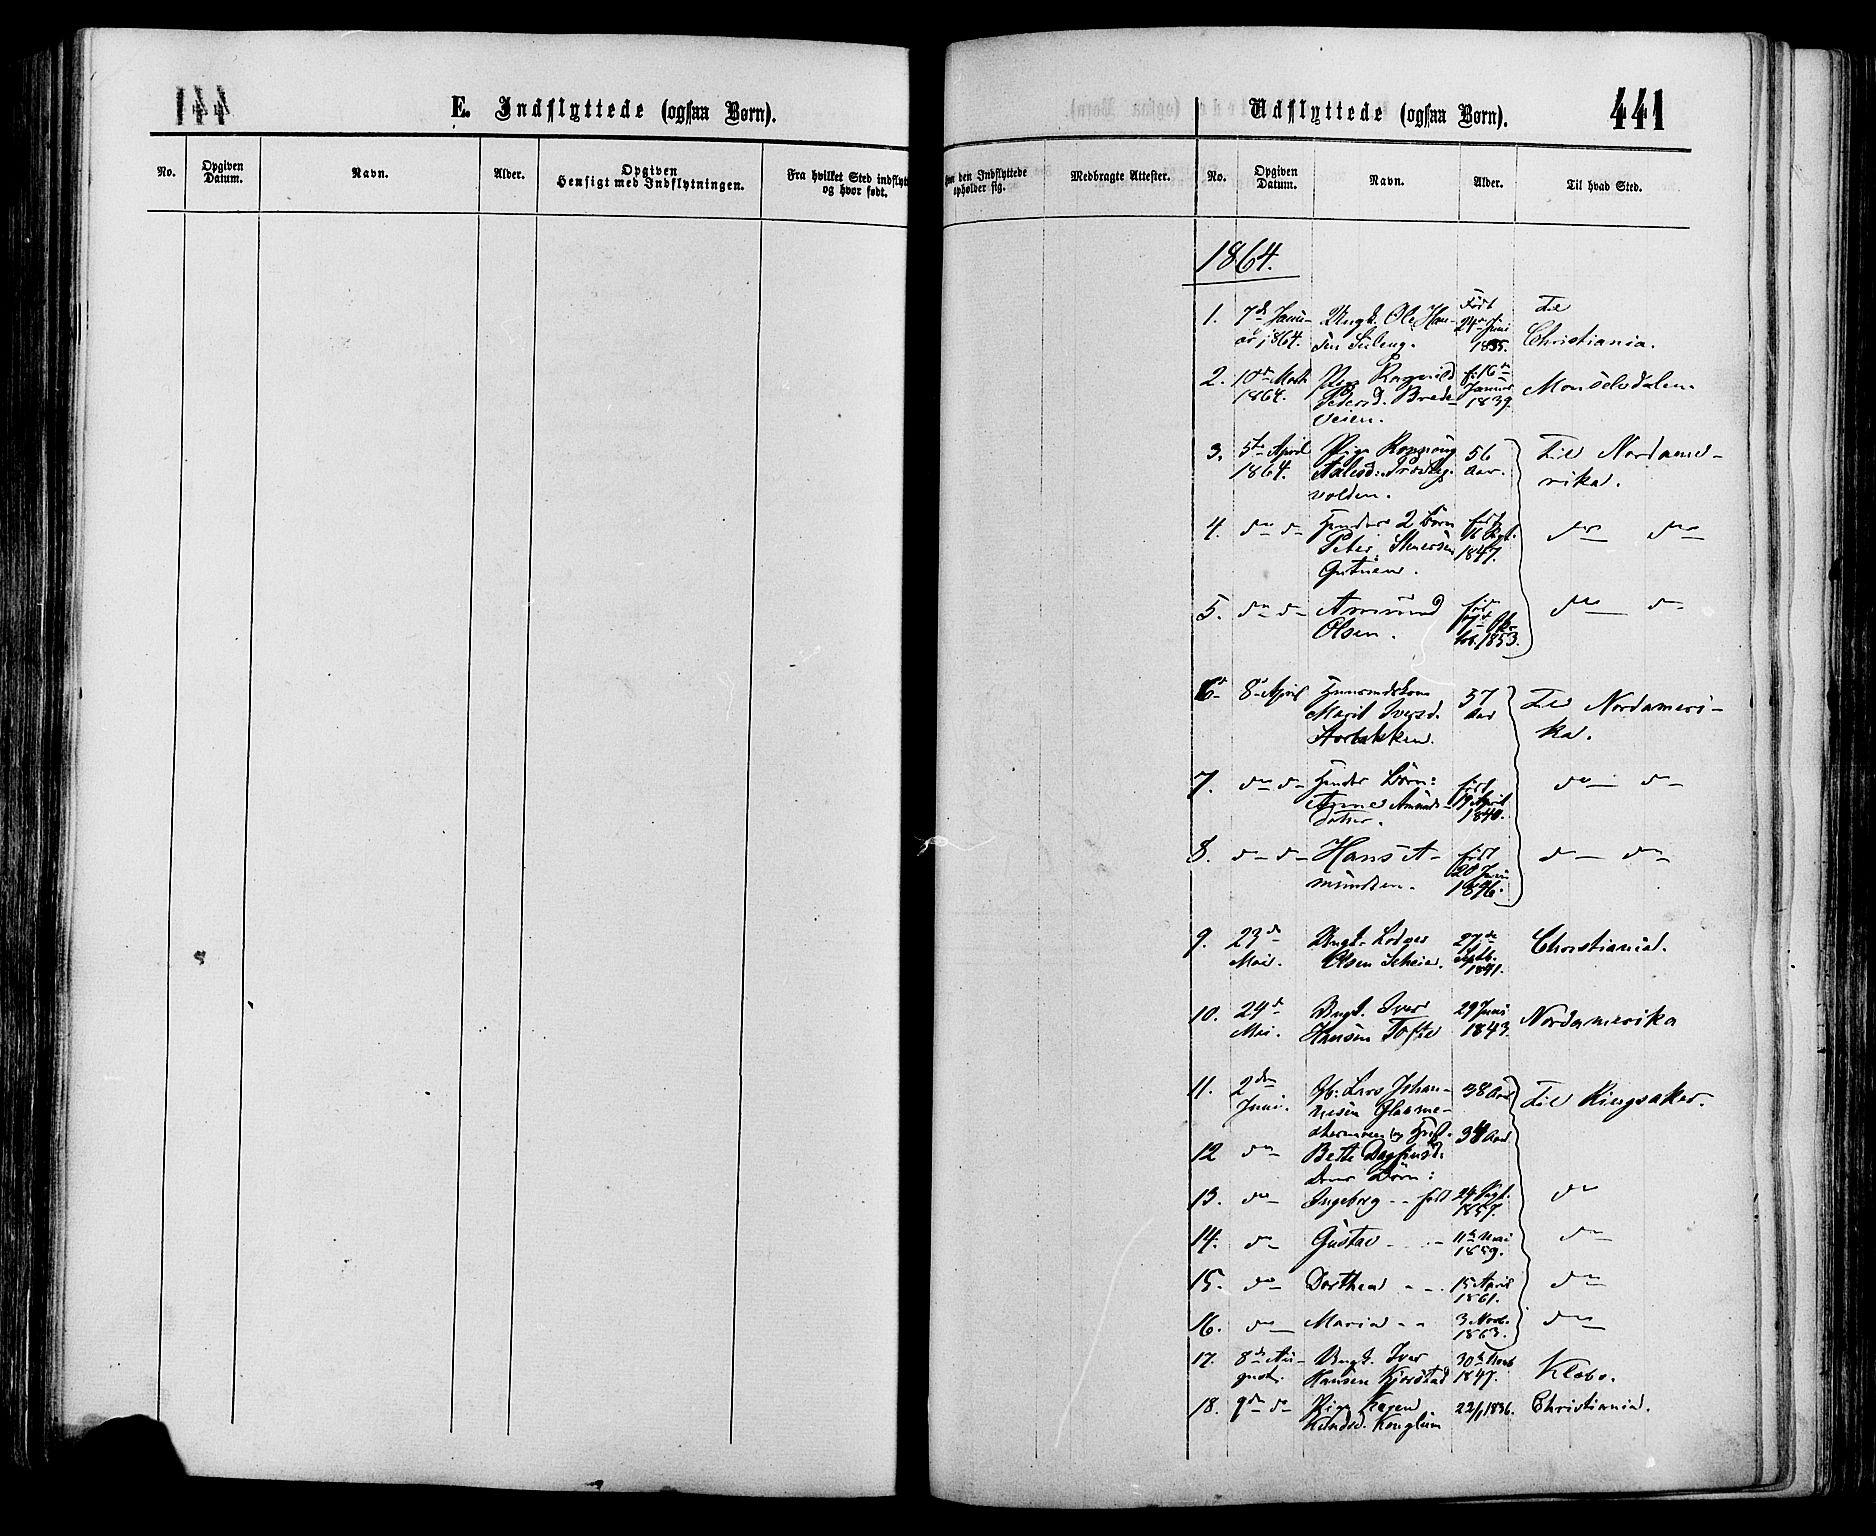 SAH, Sør-Fron prestekontor, H/Ha/Haa/L0002: Ministerialbok nr. 2, 1864-1880, s. 441